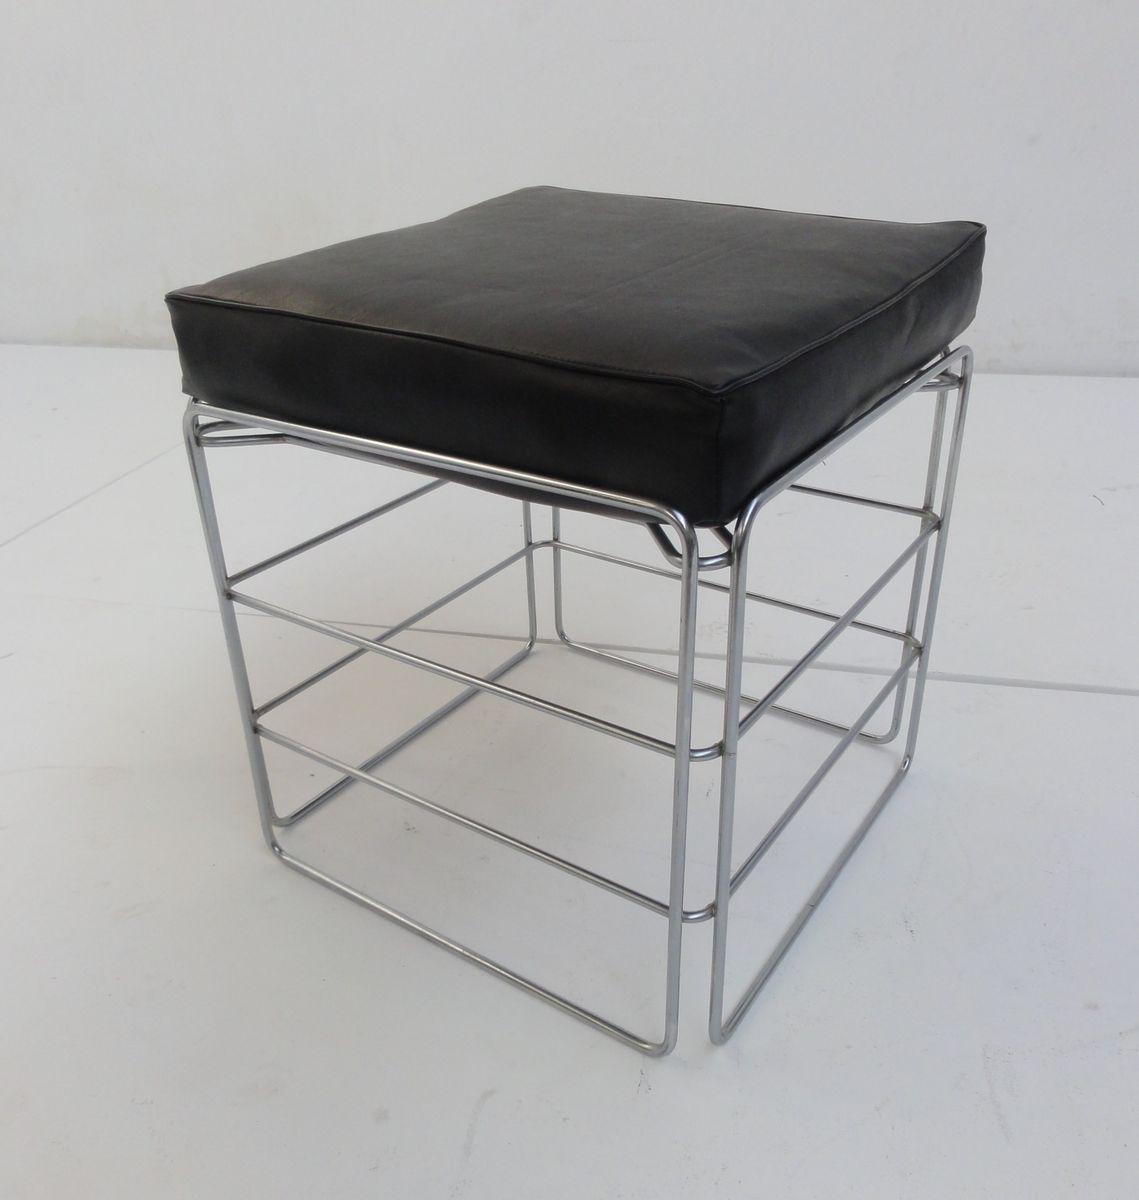 repose pied chrome vintage avec coussin en vente sur pamono. Black Bedroom Furniture Sets. Home Design Ideas